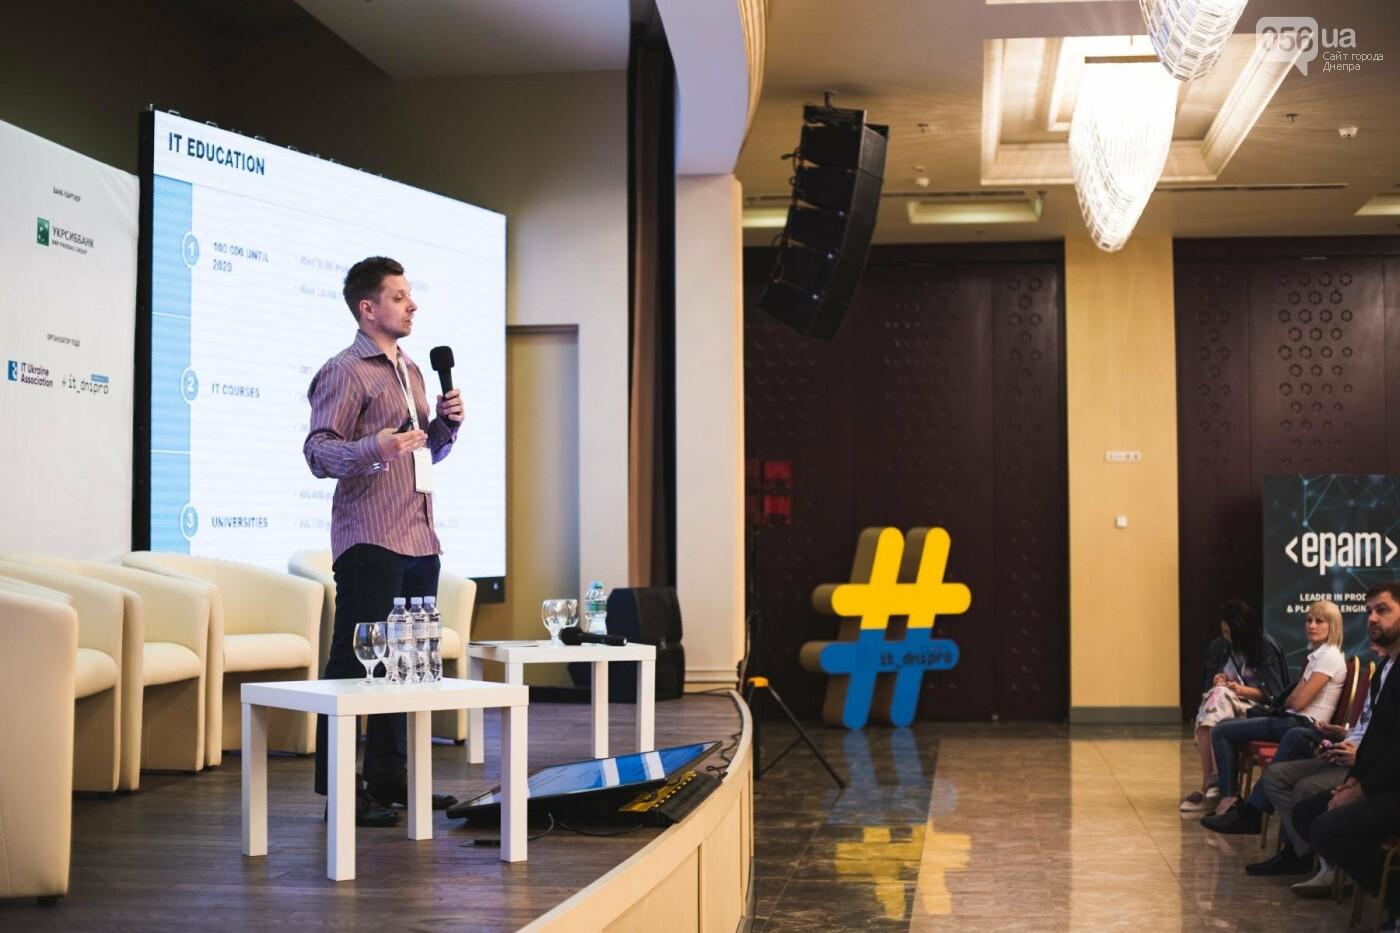 В Днепре прошла бизнес-конференция IT Dnipro Conference: подробности, - ФОТО, фото-16